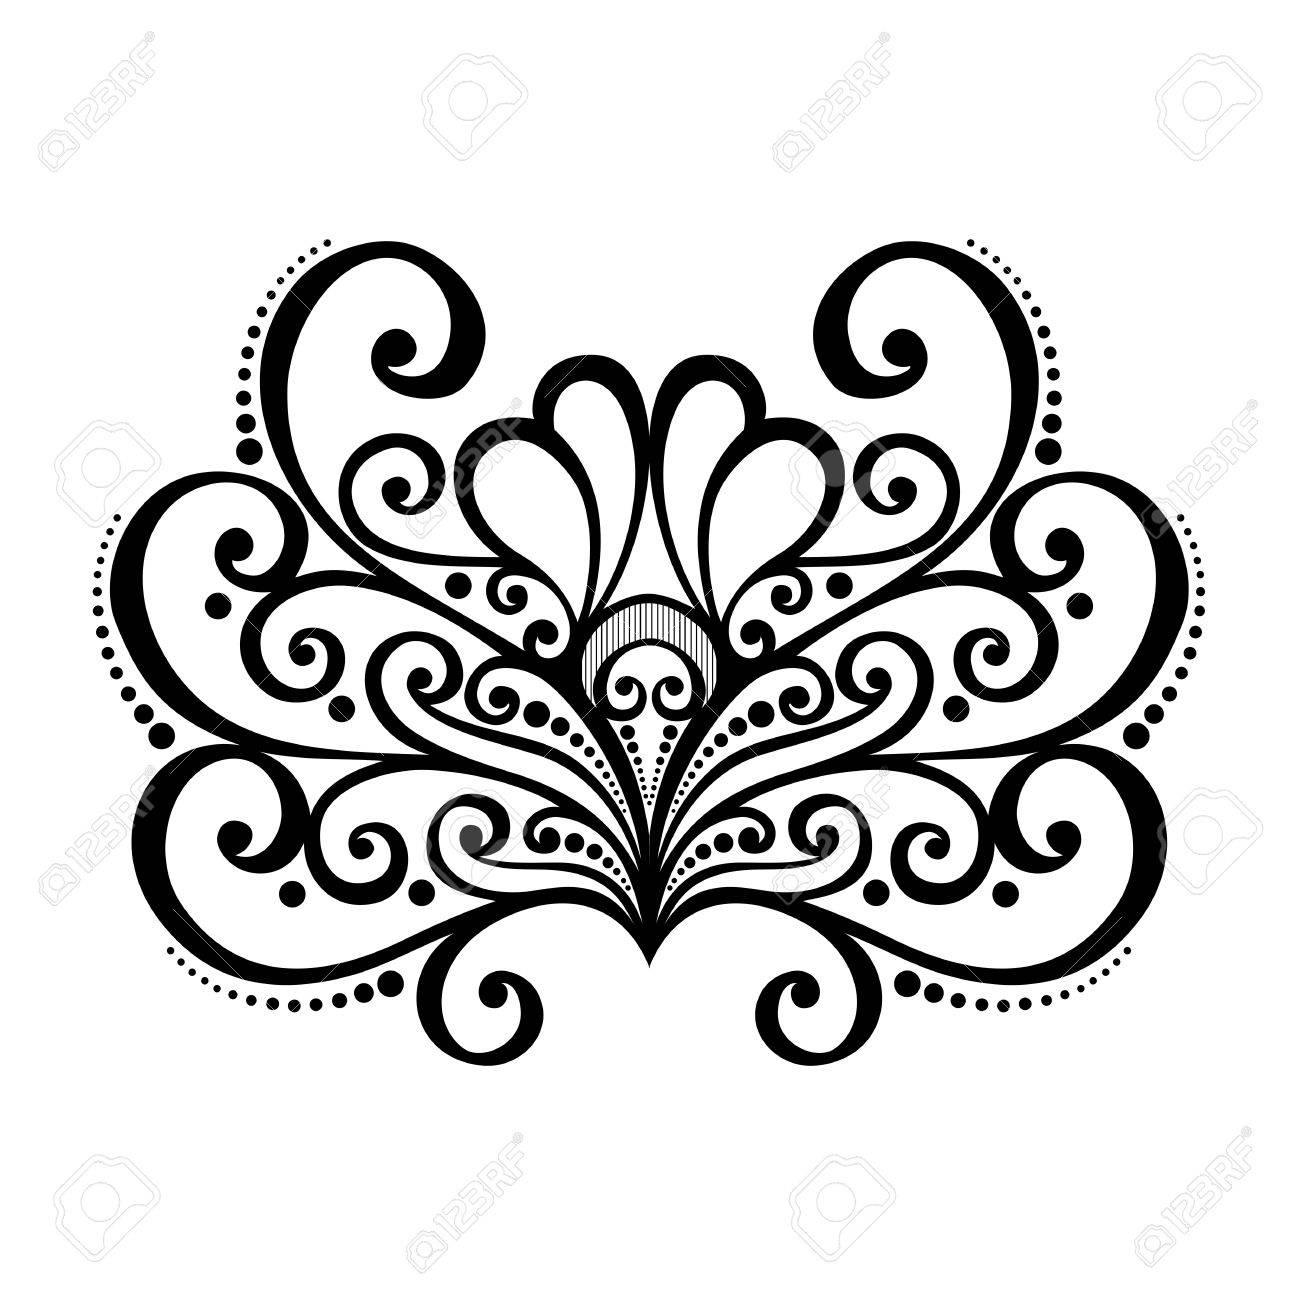 Uncategorized Symmetric Design symmetric design home vector deco abstract  element elements stock 26470743